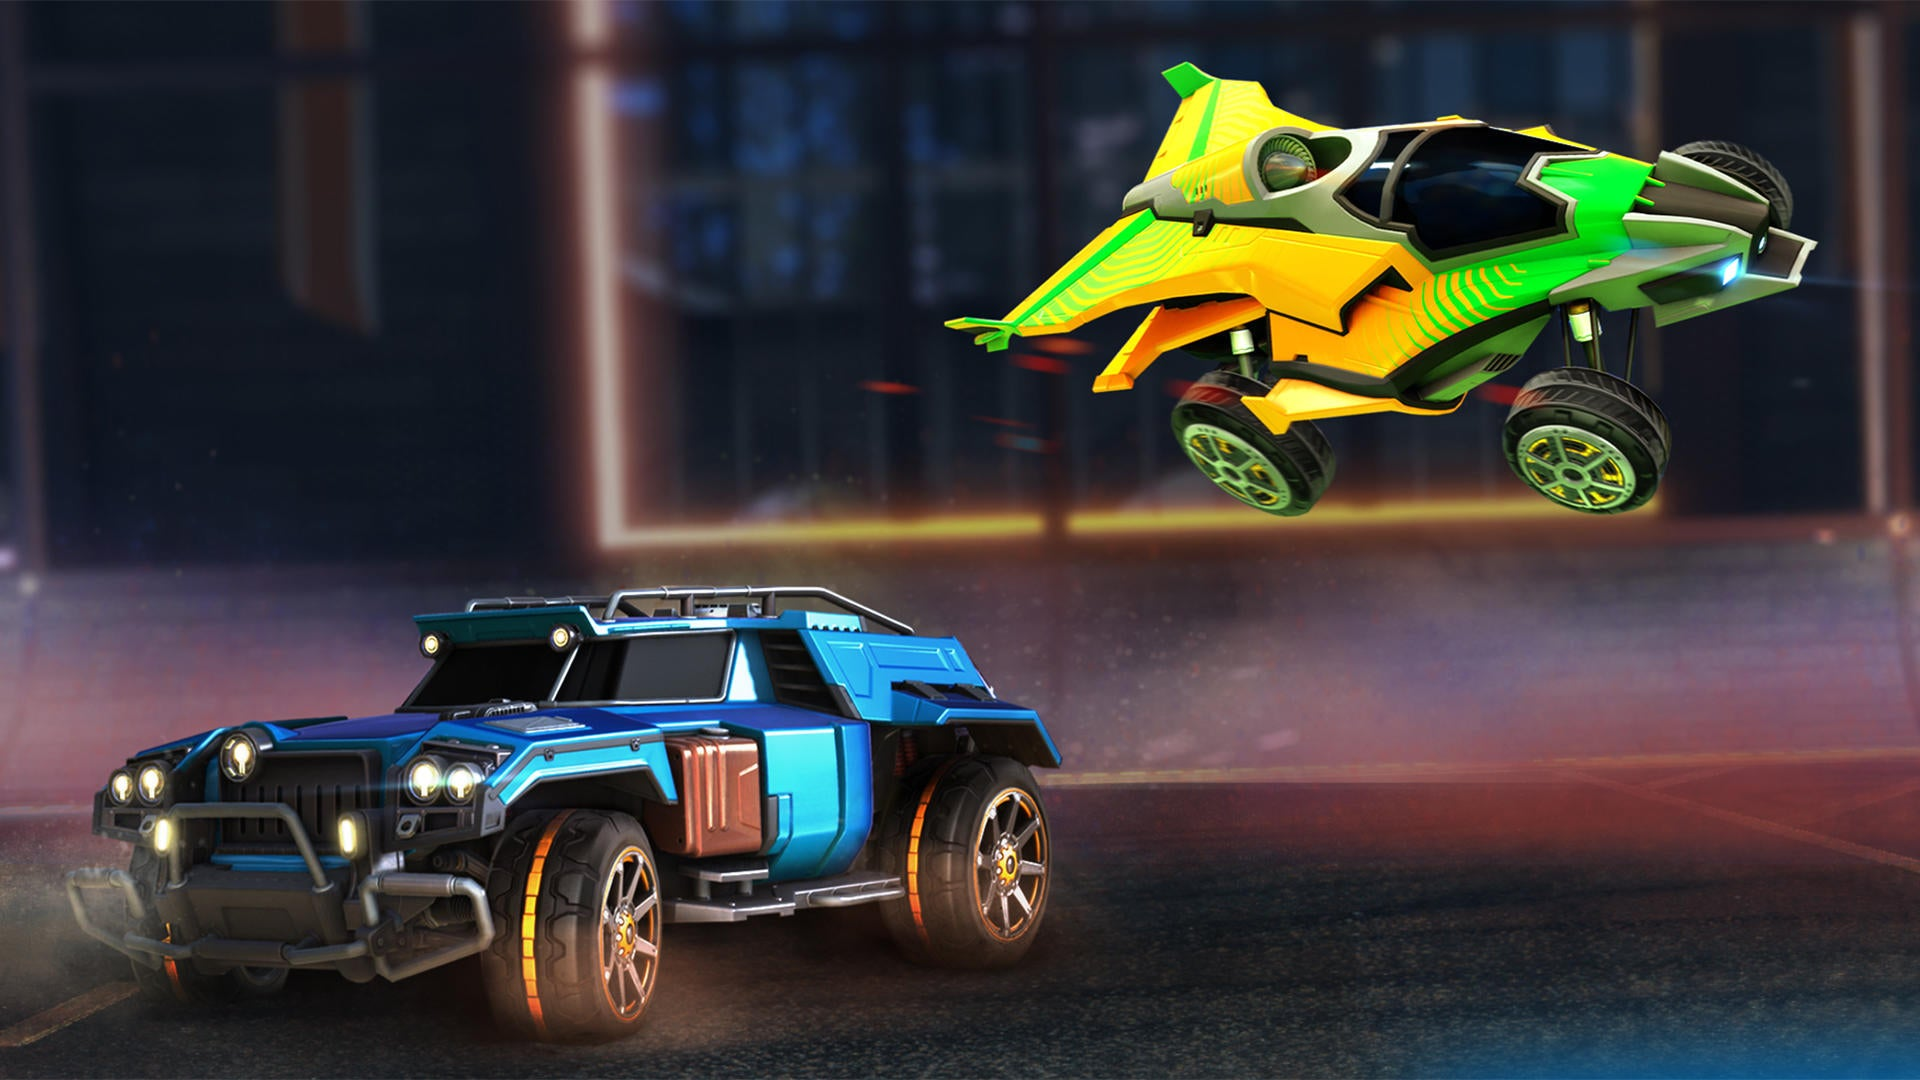 Battle-Cars Favorites Return as Premium DLC | Rocket League® - Official Site